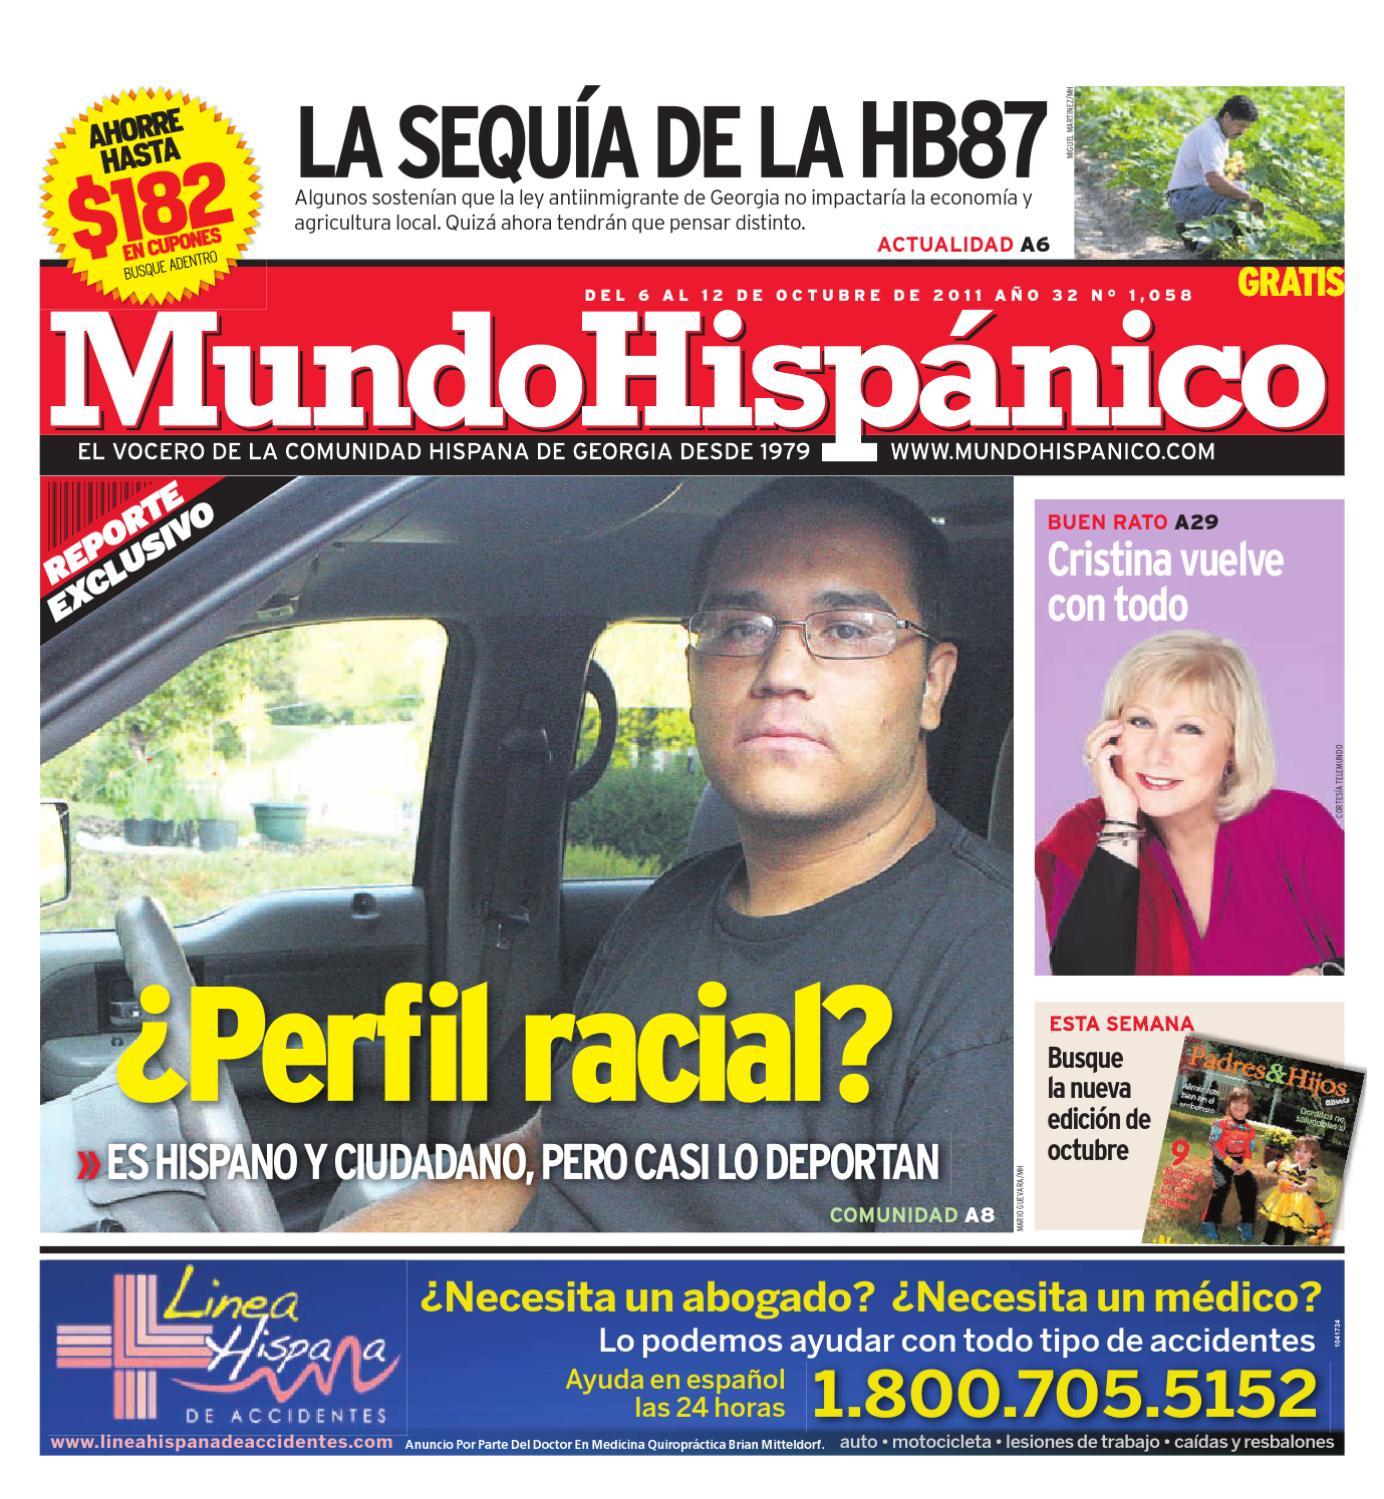 Mundo Hispanico 10-06-11 by MUNDO HISPANICO - issuu dc1744084492f